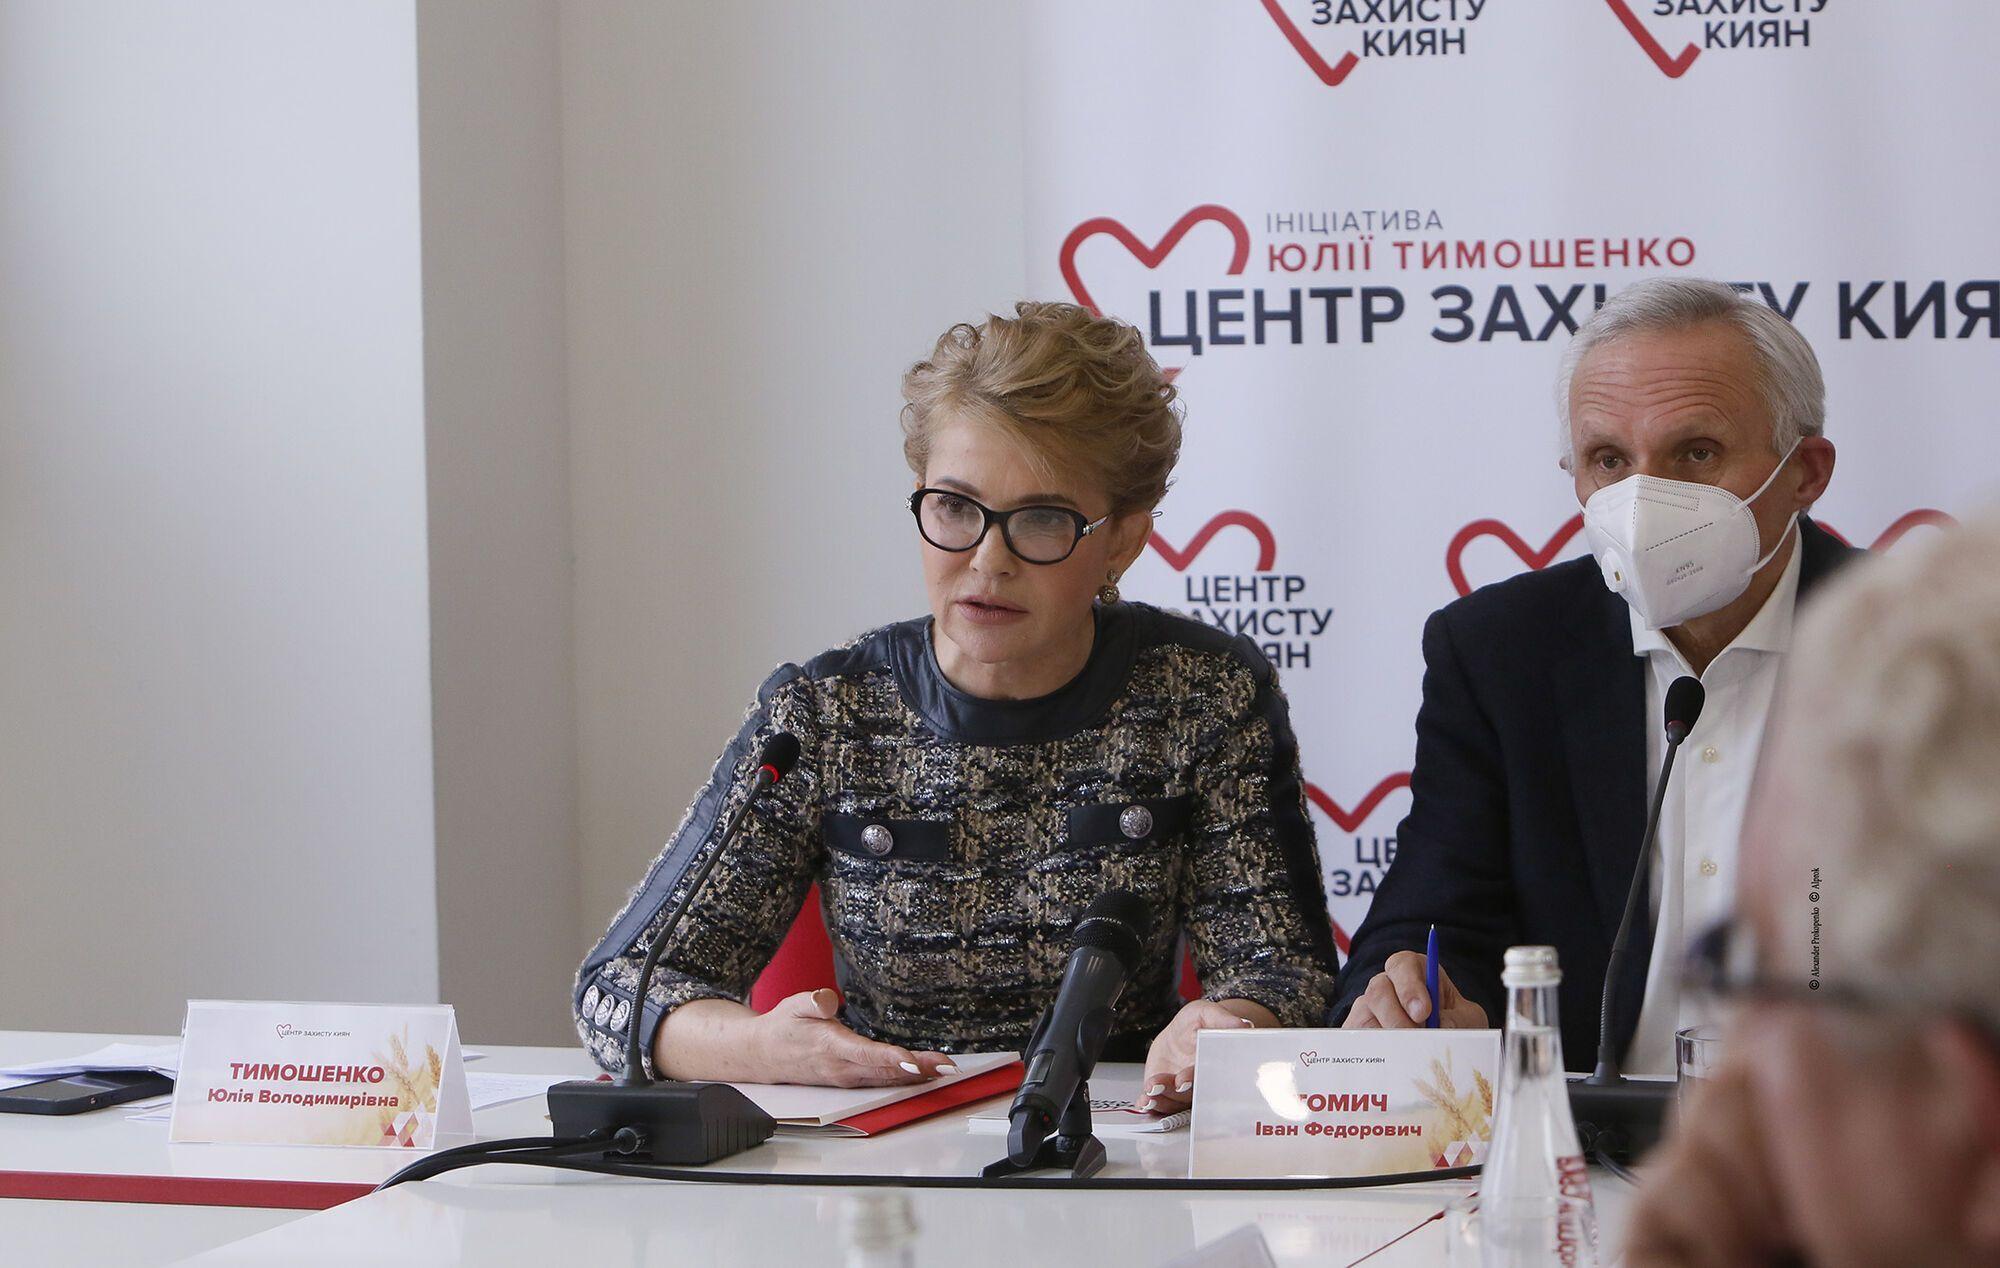 Тимошенко отметила, что 75% людей против продажи земли и 83% против продажи иностранцам